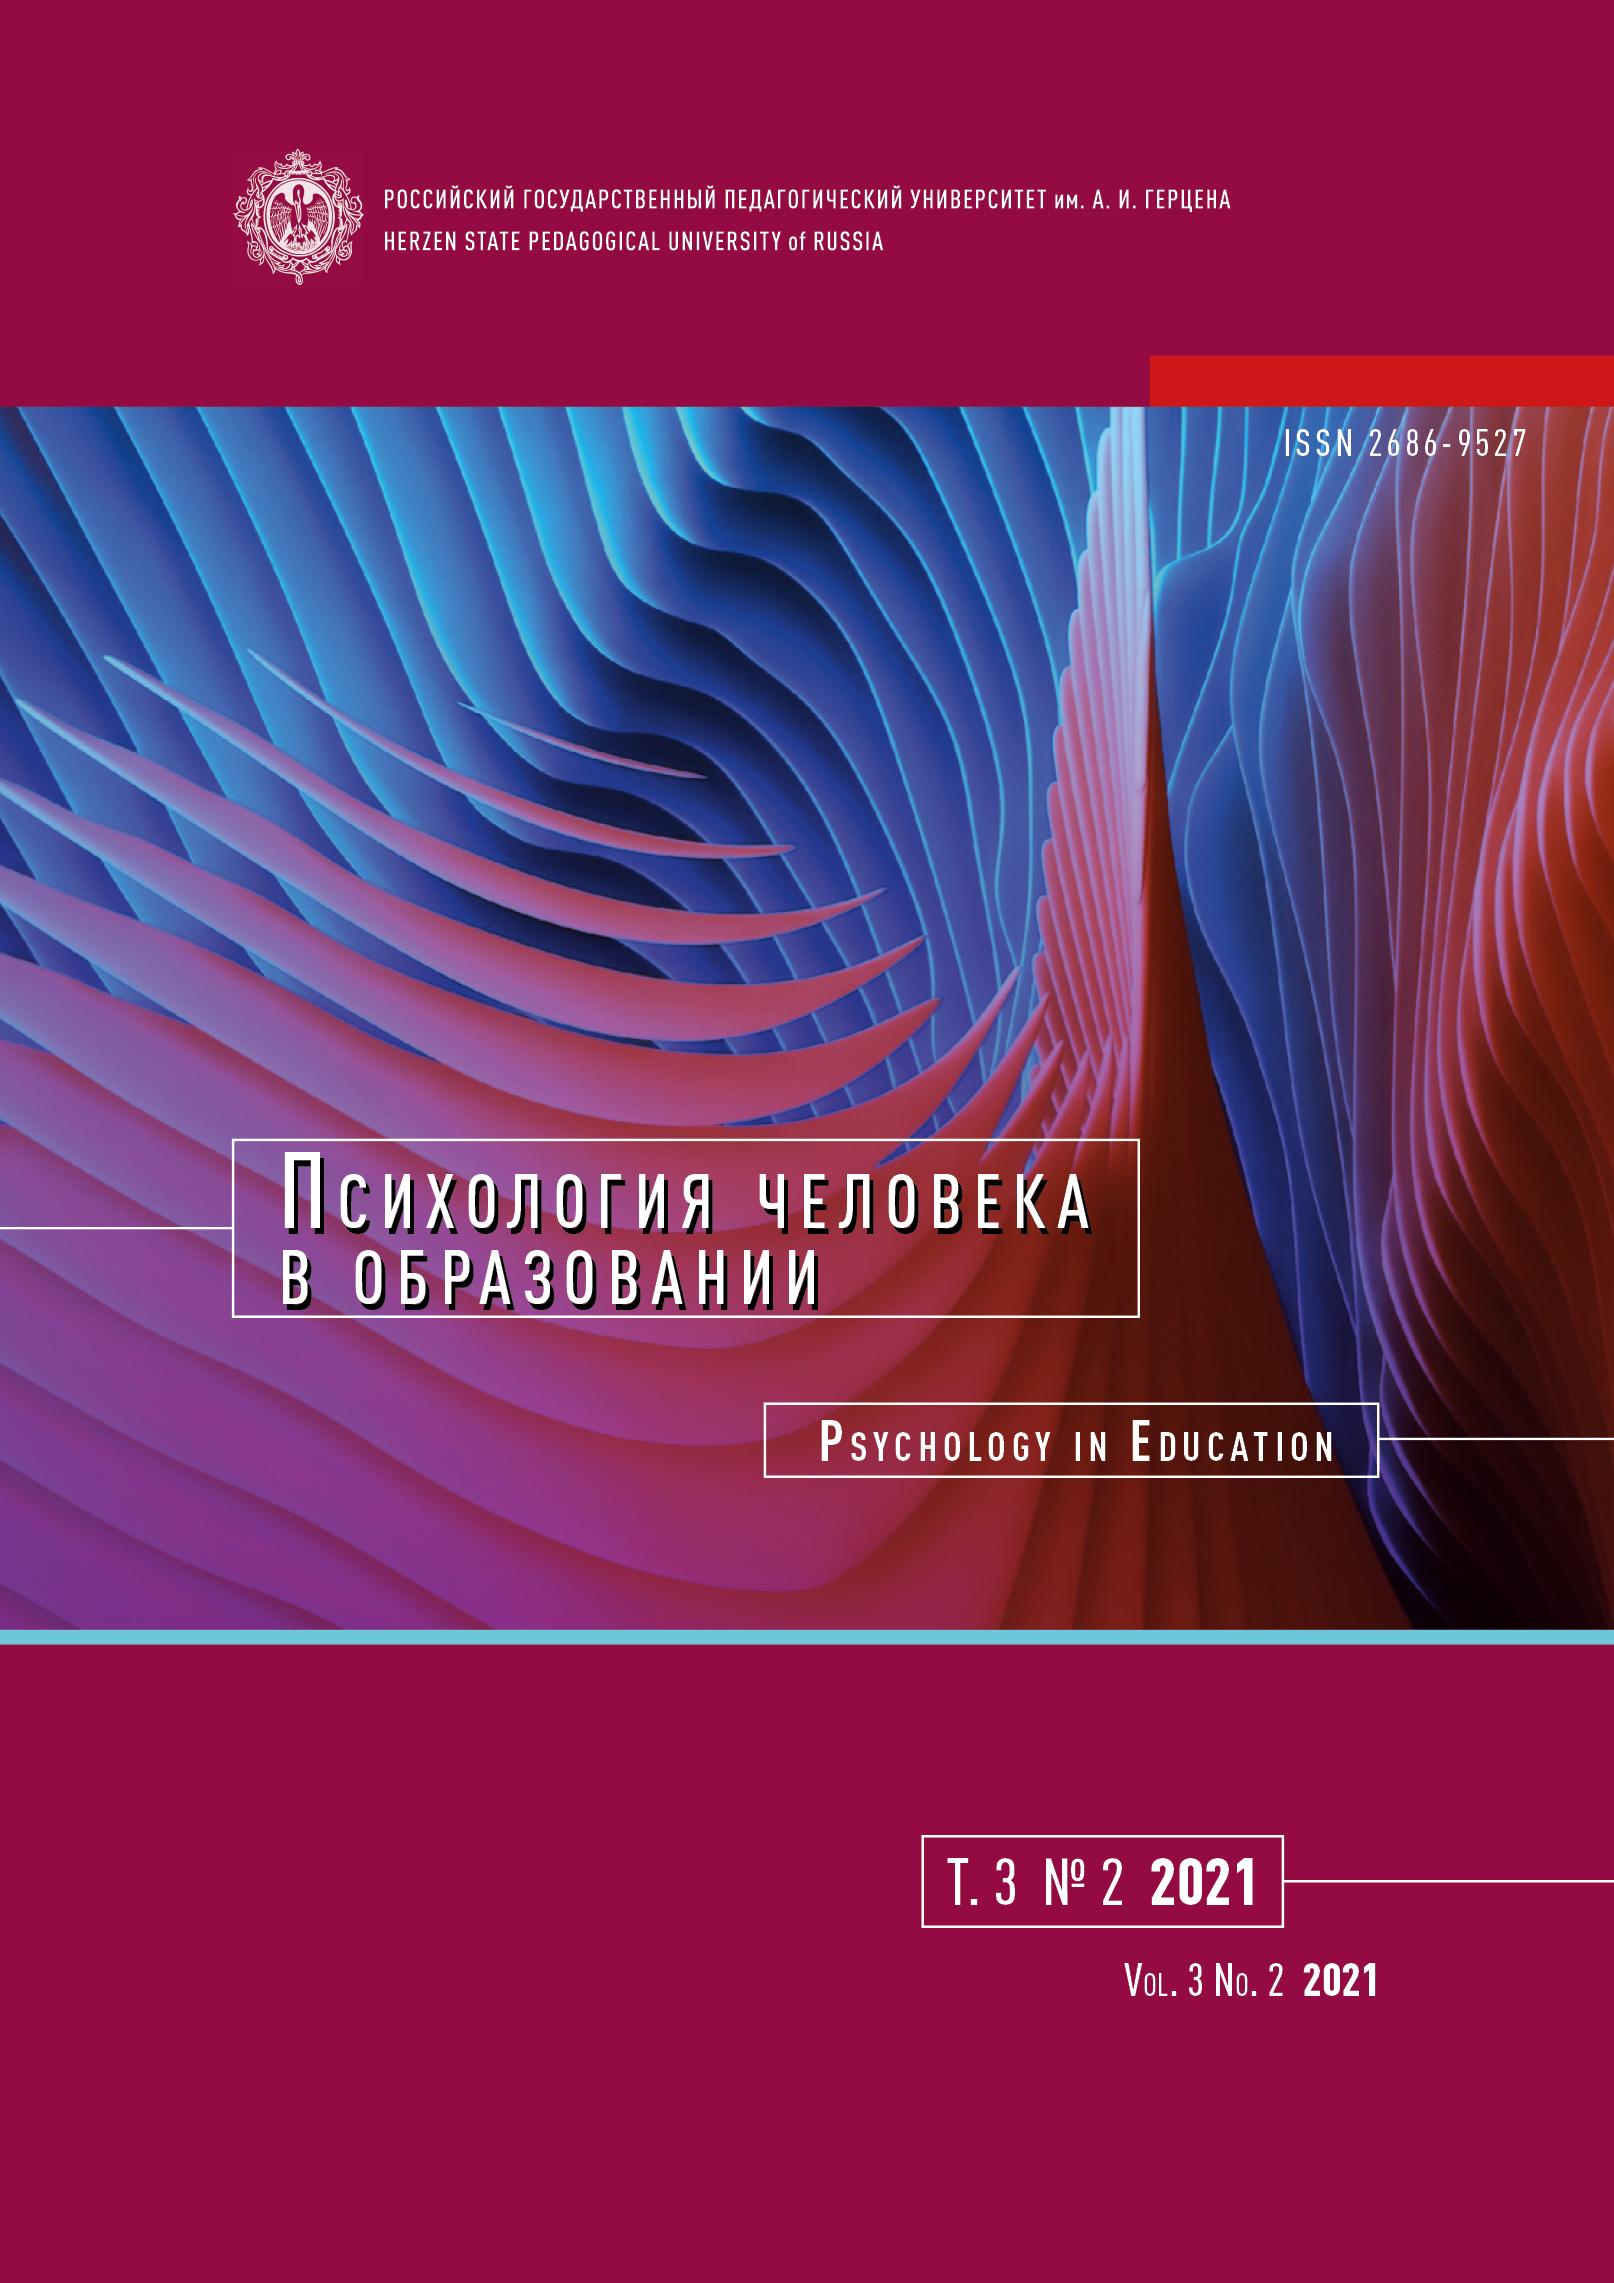 """Обложка журнала """"Психология человека в образовании"""" (т. 3, № 2)"""